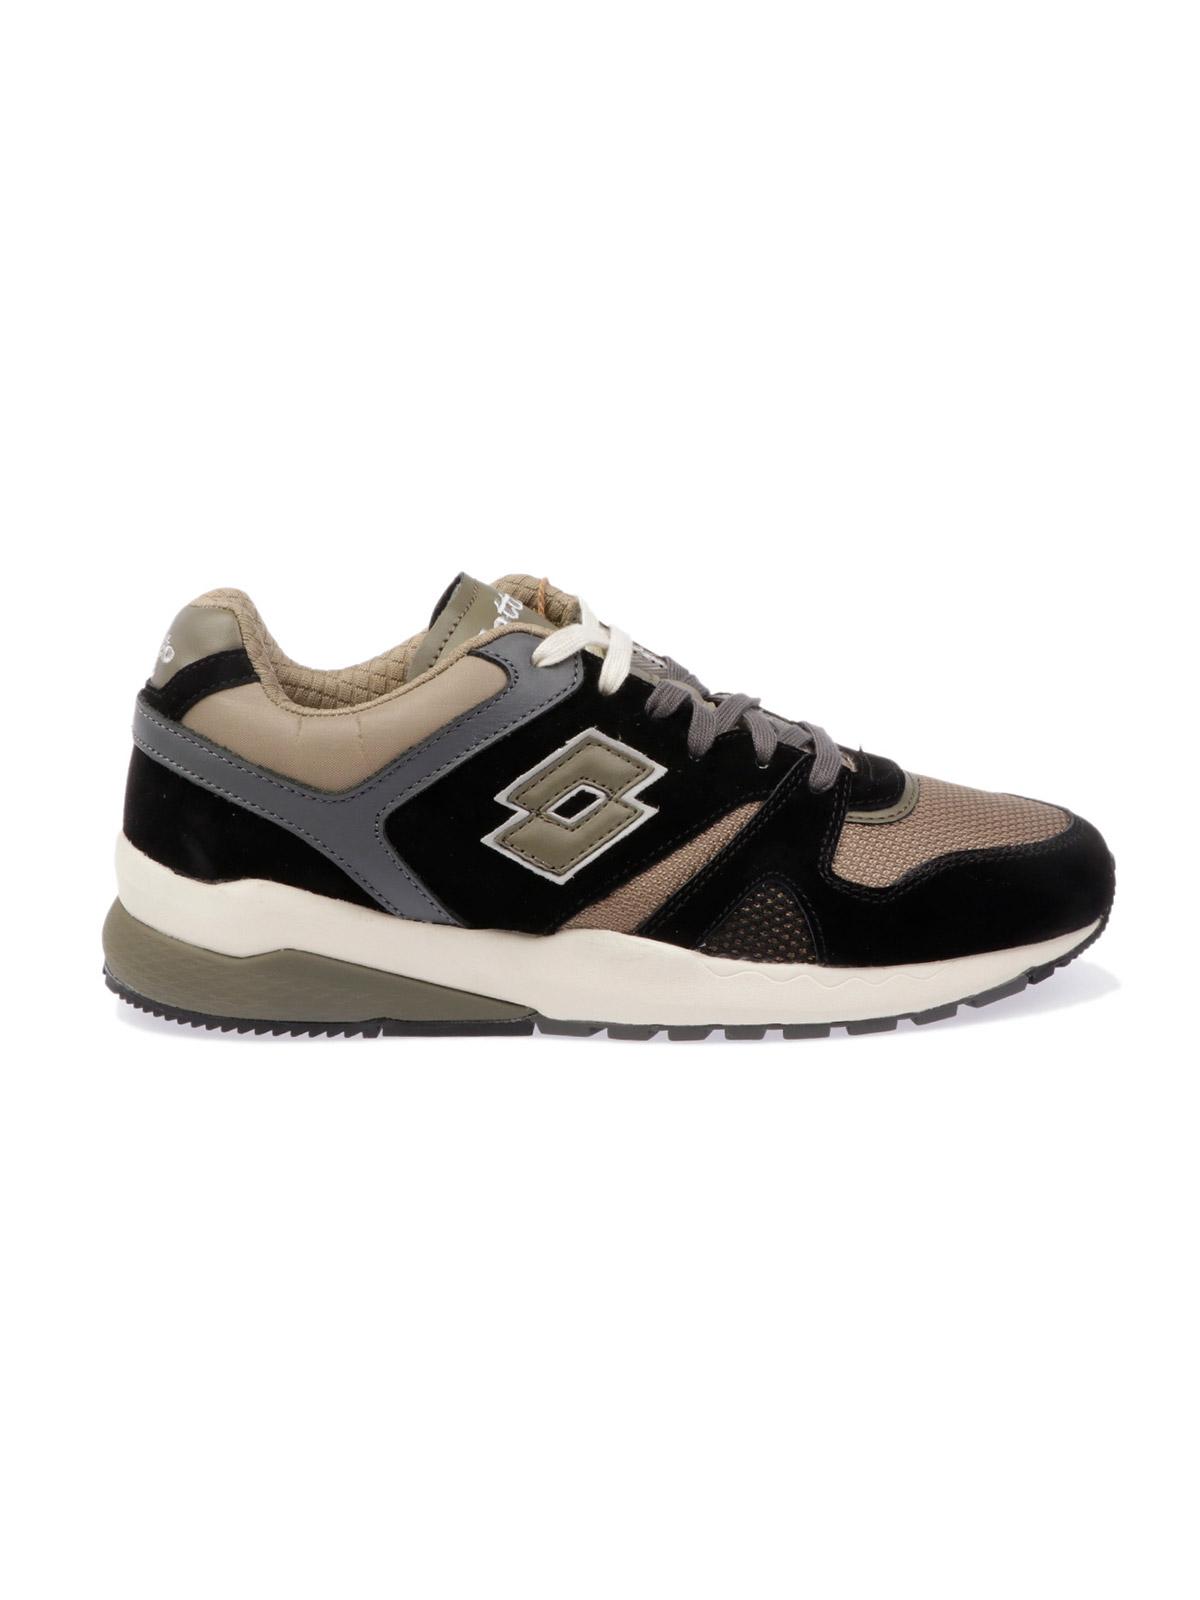 Immagine di LOTTO | Sneaker Uomo Leggenda Marathon